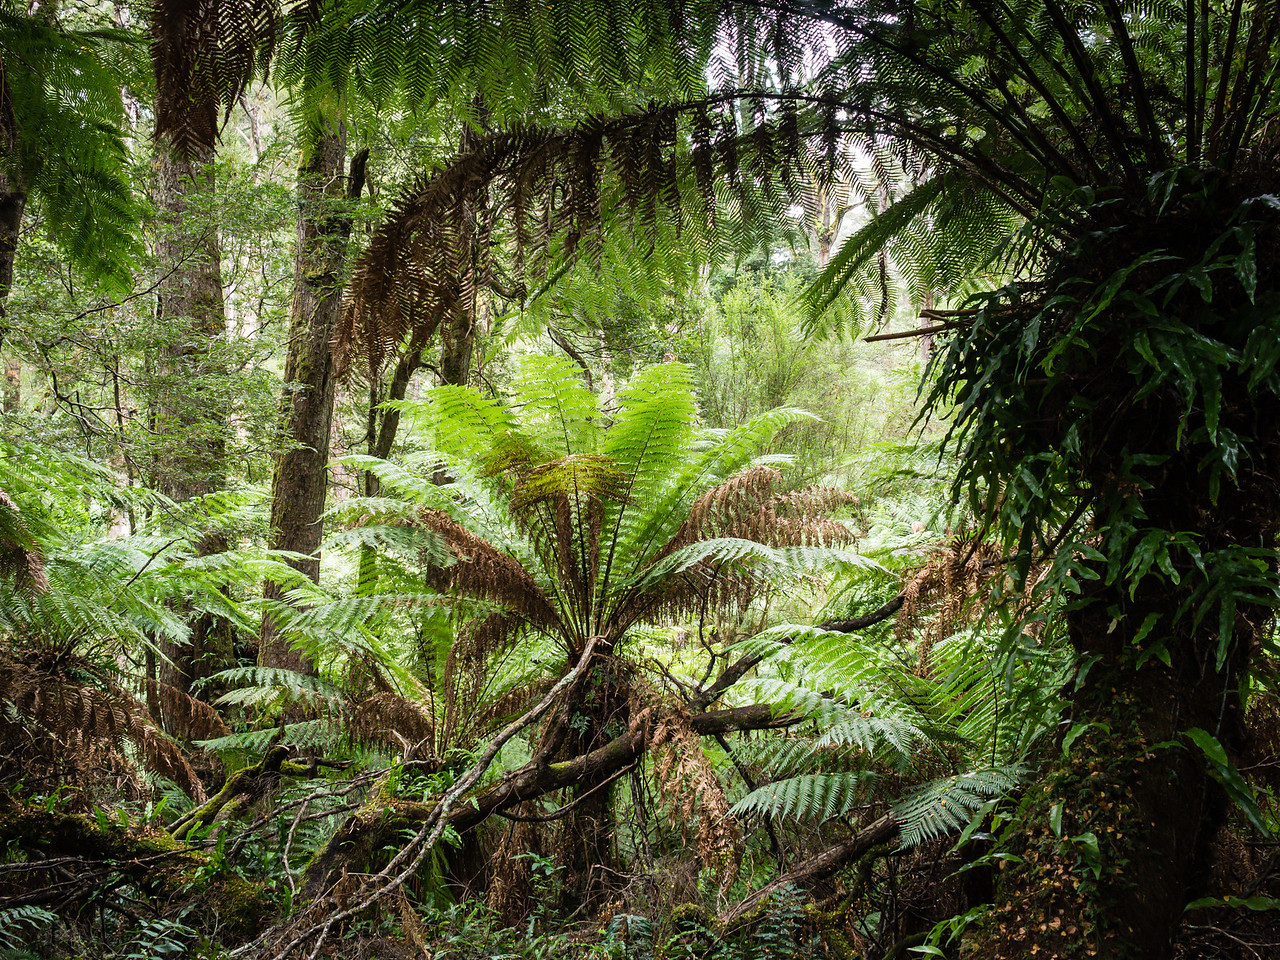 Rainforest, South Australia